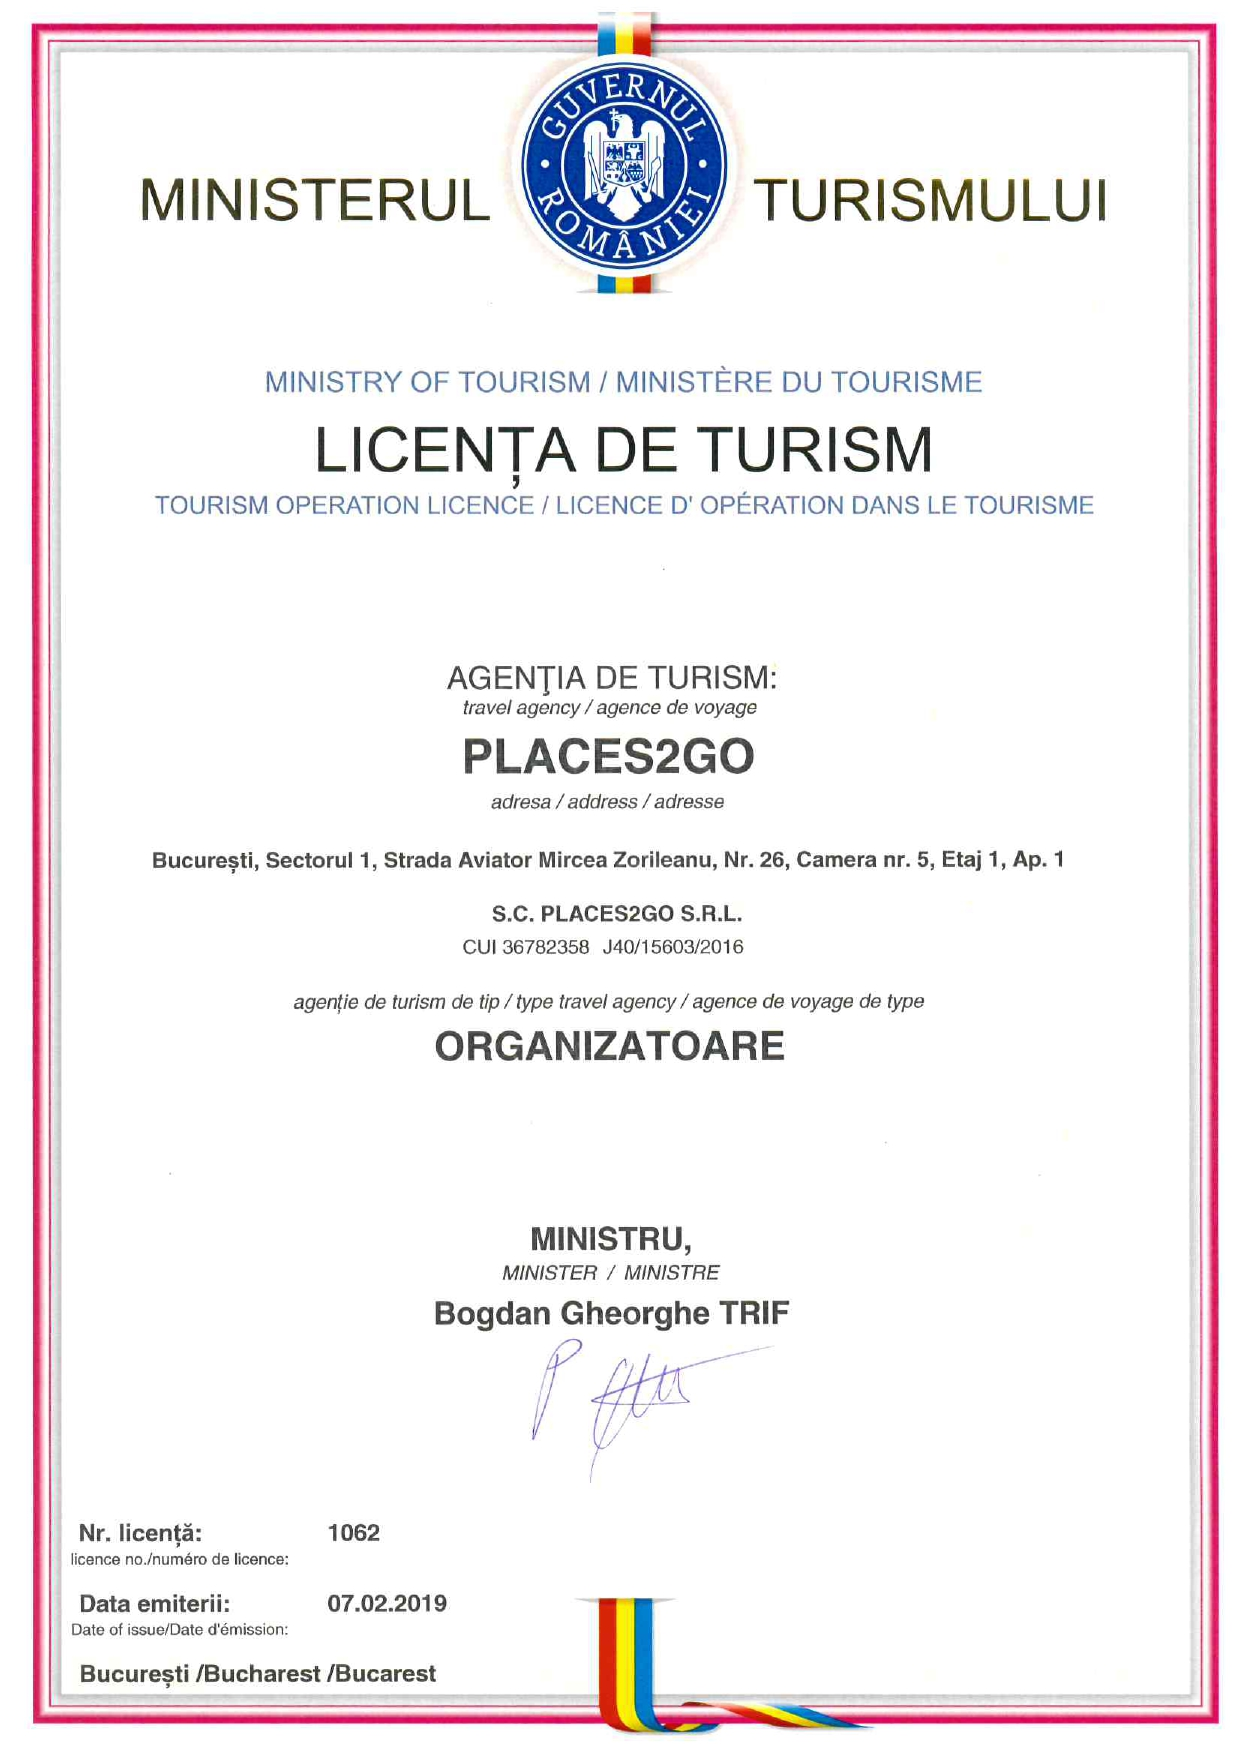 Licenta agentie turism Places 2 Go